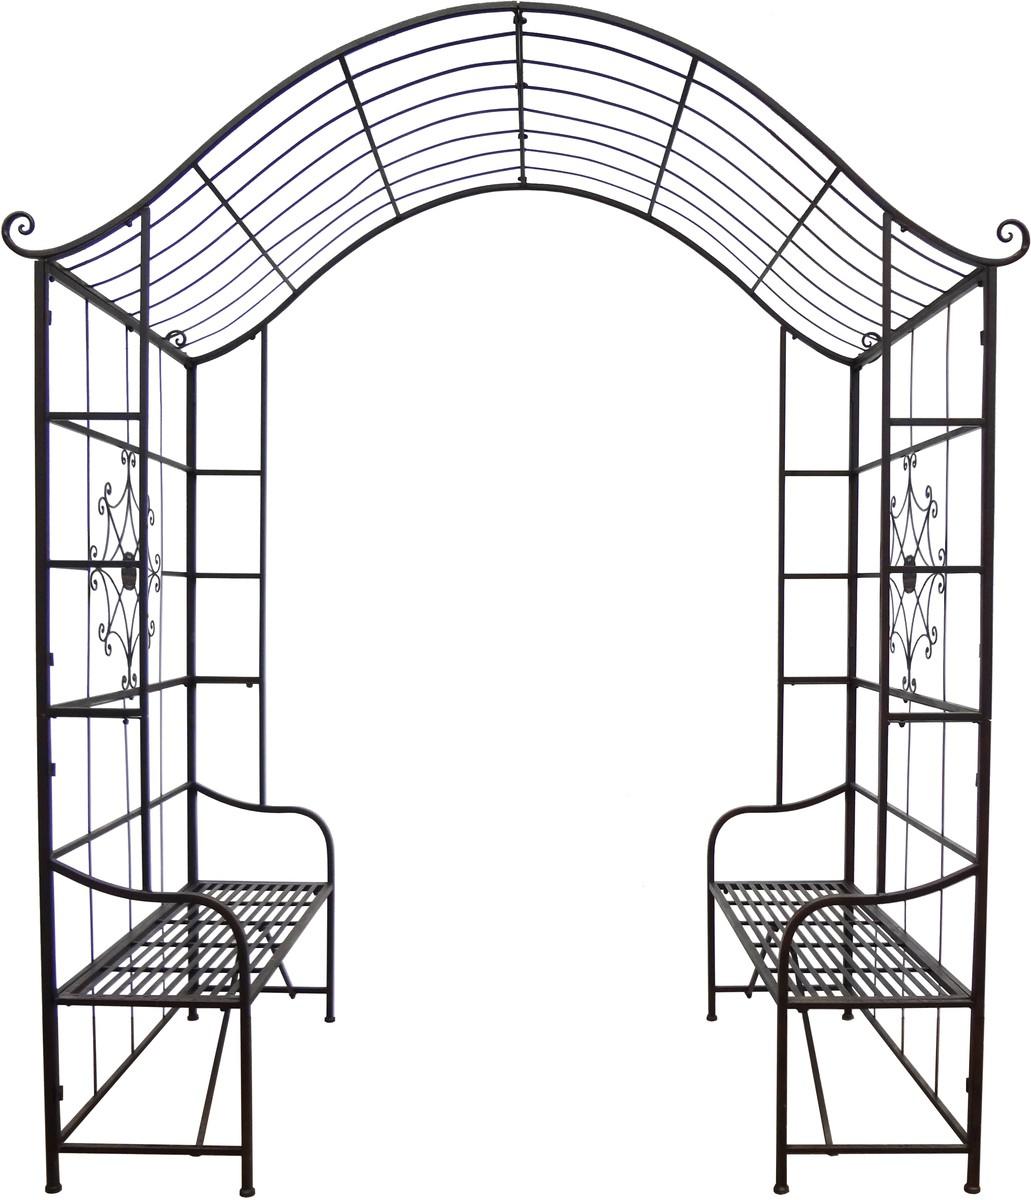 rosenbogen sitzbank pergola spalier rankhilfe metall eisen pulverbeschichtet xxl garten. Black Bedroom Furniture Sets. Home Design Ideas